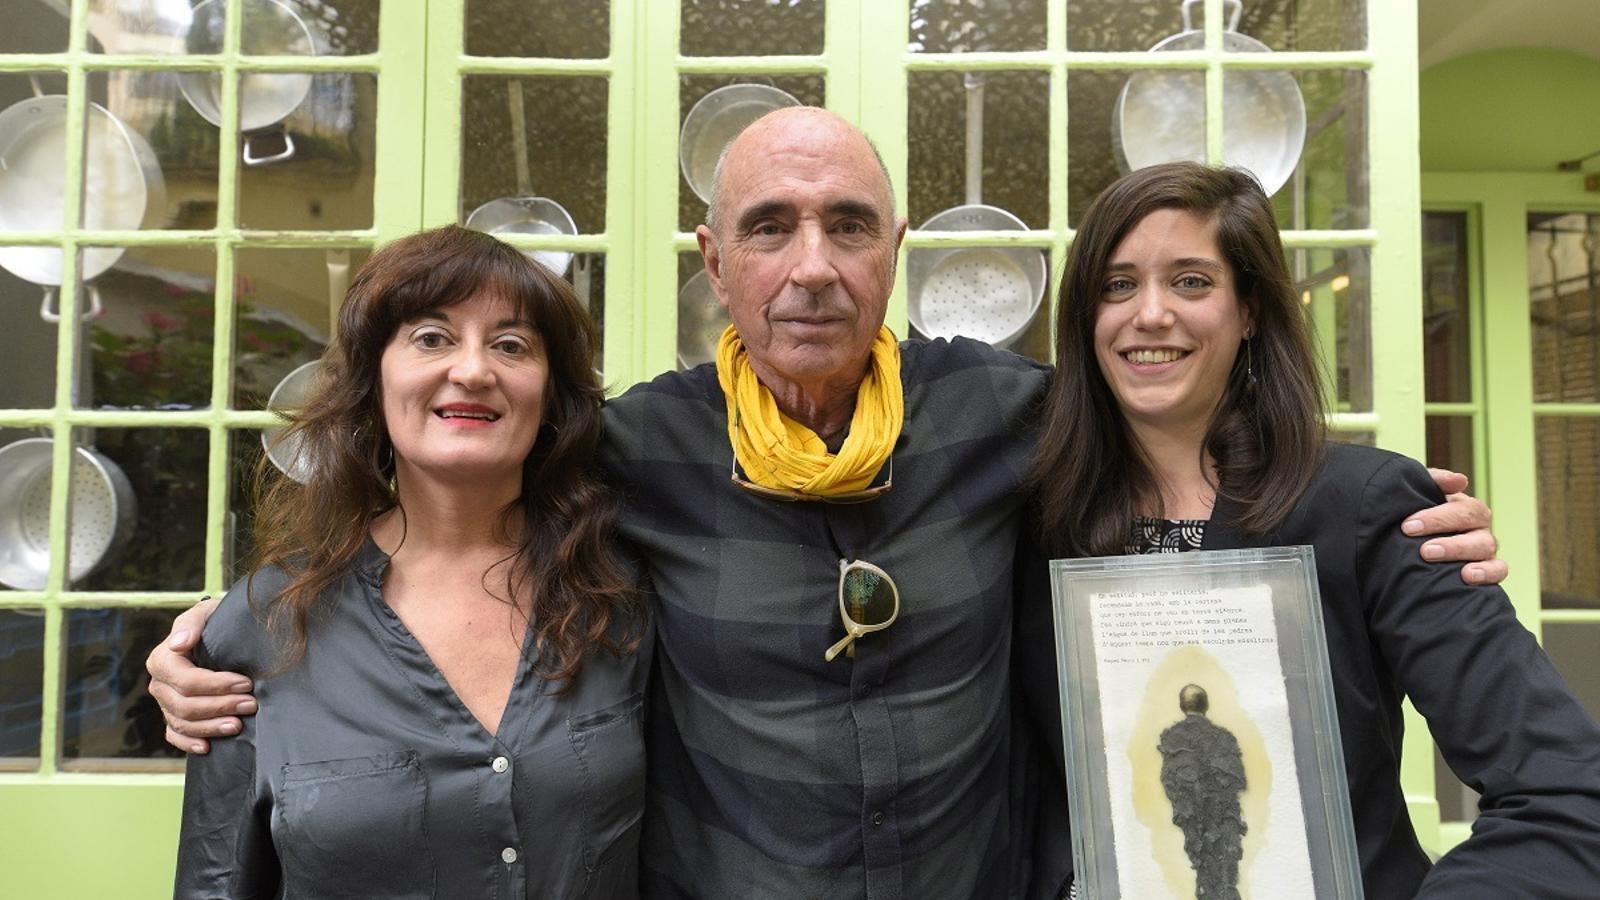 Rosa Maria Arrazola, Lluís Llach i Clàudia Cabero amb el premi Miquel Martí i Pol a la millor poesia musicada